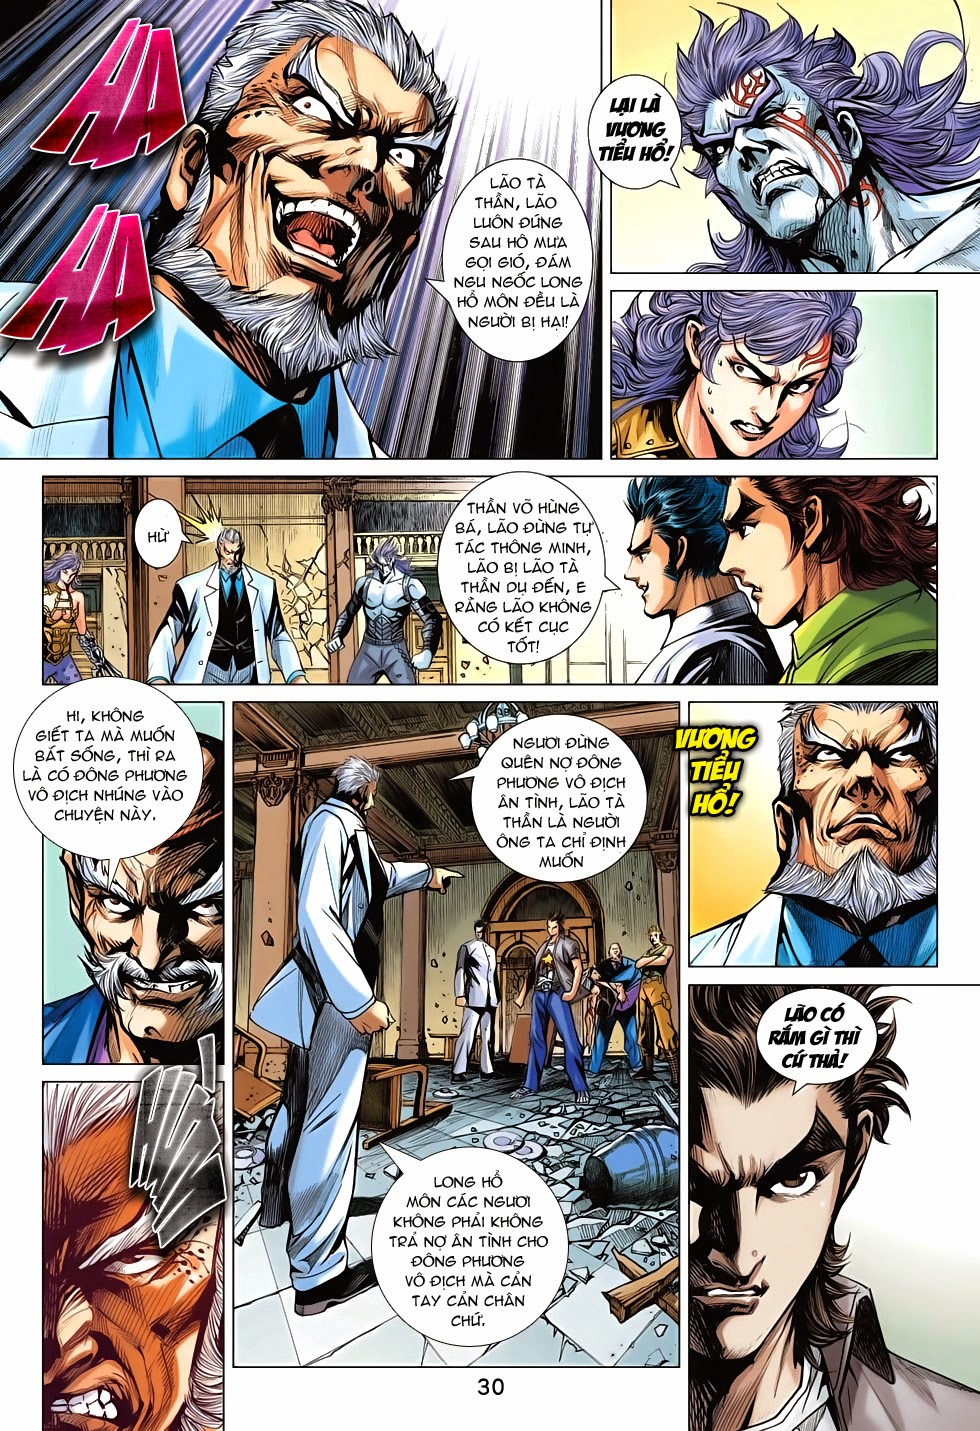 Tân Tác Long Hổ Môn chap 698 - Trang 29